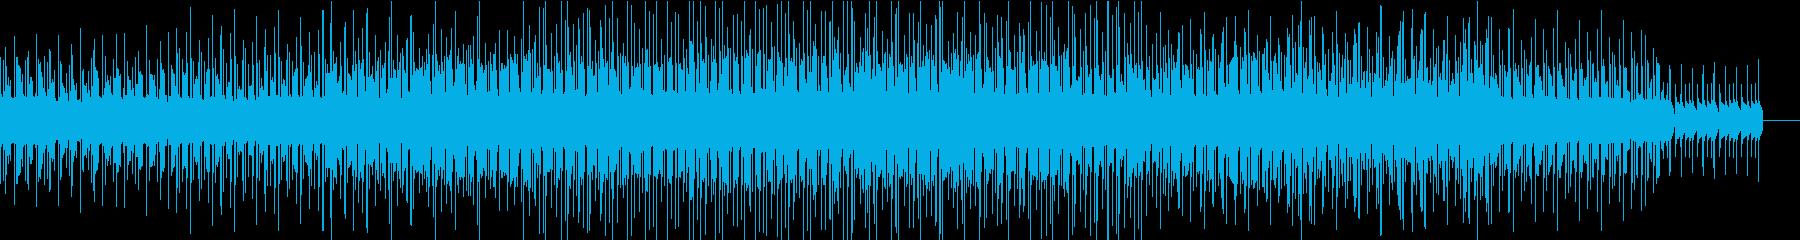 疾走感が気持ち良いエレクトロビートの再生済みの波形